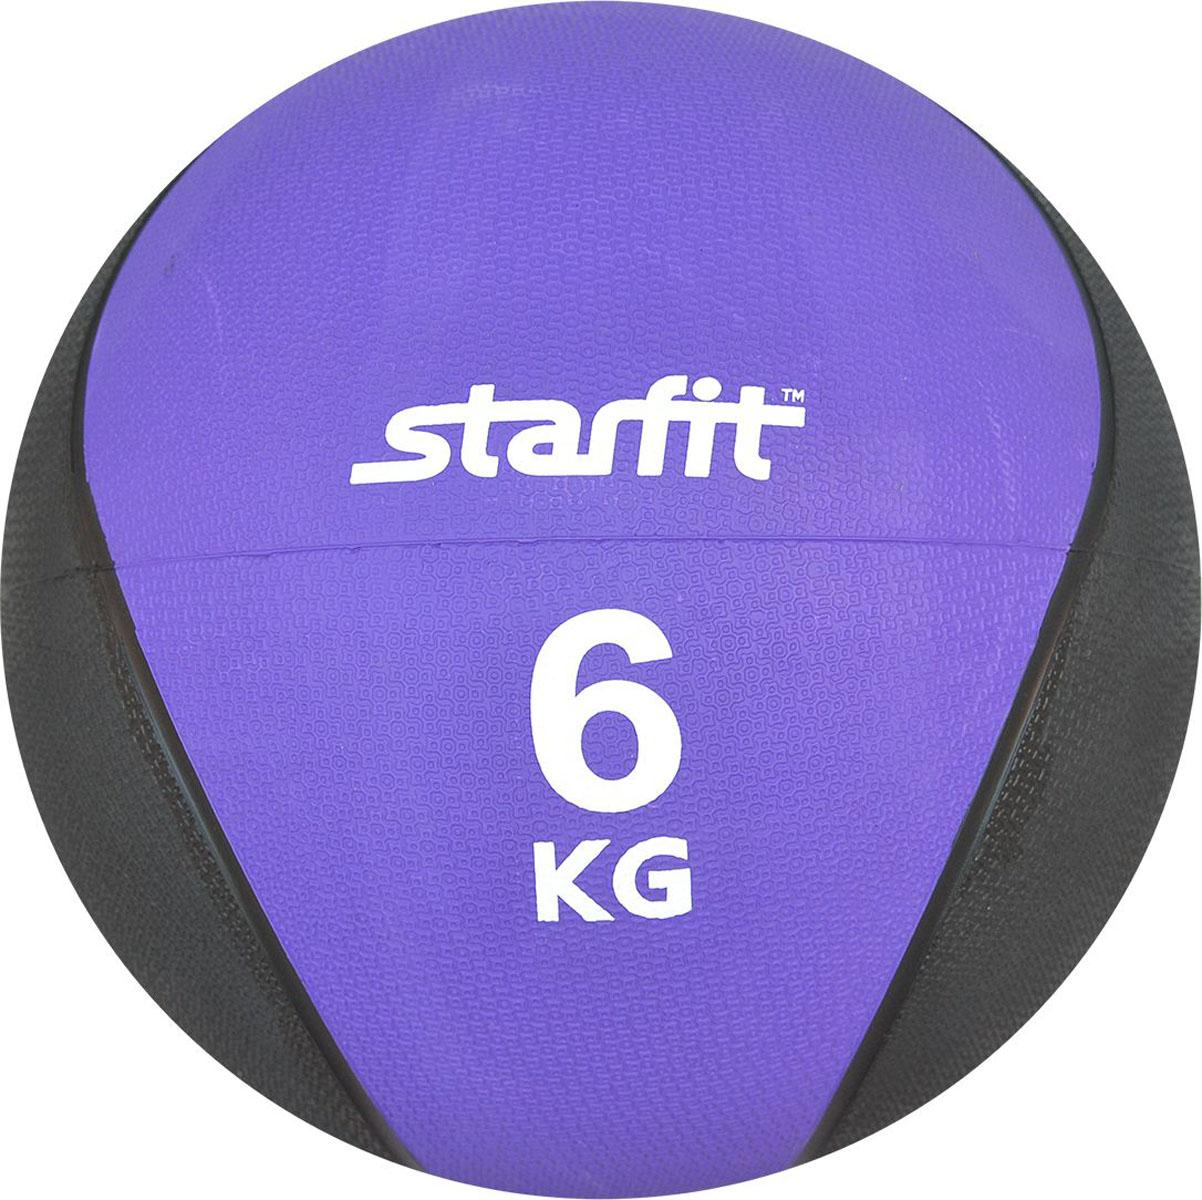 Медицинбол Starfit Pro GB-702, цвет: фиолетовый, 6 кгУТ-00007304Медицинбол Starfit Pro GB-702 - это важный аксессуар для функциональной тренировки тела. Серия медболов PRO Starfit отличается повышенной плотностью и жесткостью поверхности, а также ярким цветным дизайном.Медбол используют в групповых программах, функциональном тренинге, бодибилдинге и фитнесе. Также его используют профессиональные спортсмены в единоборствах. Помогает в тренировке мышц кора (пресса), мышц рук, грудной клетки, спины, плеч, ног и ягодиц. Фактически с помощью него можно провести полноценную тренировку для всего организма.Характеристики:Вес: 6 кг.Диаметр: 28 см.